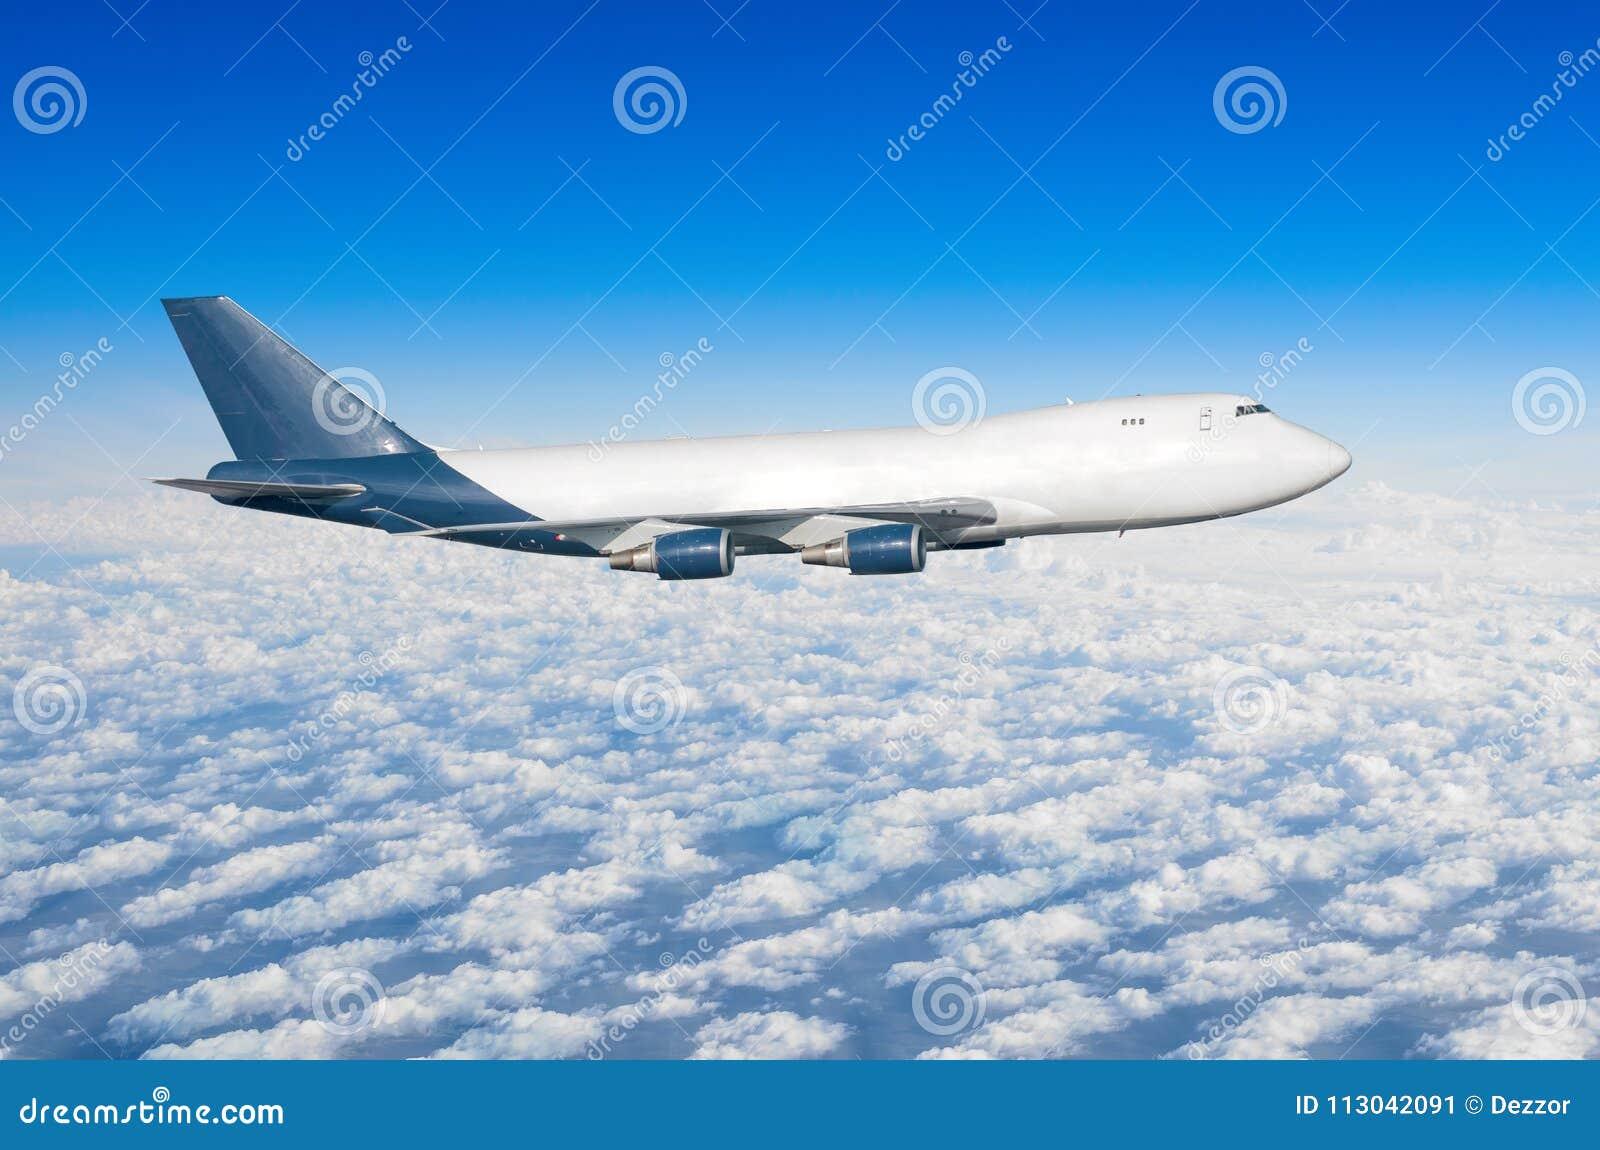 有四个引擎的飞机,没有舷窗的卡车在云彩飞行旅途太阳高度上的天空